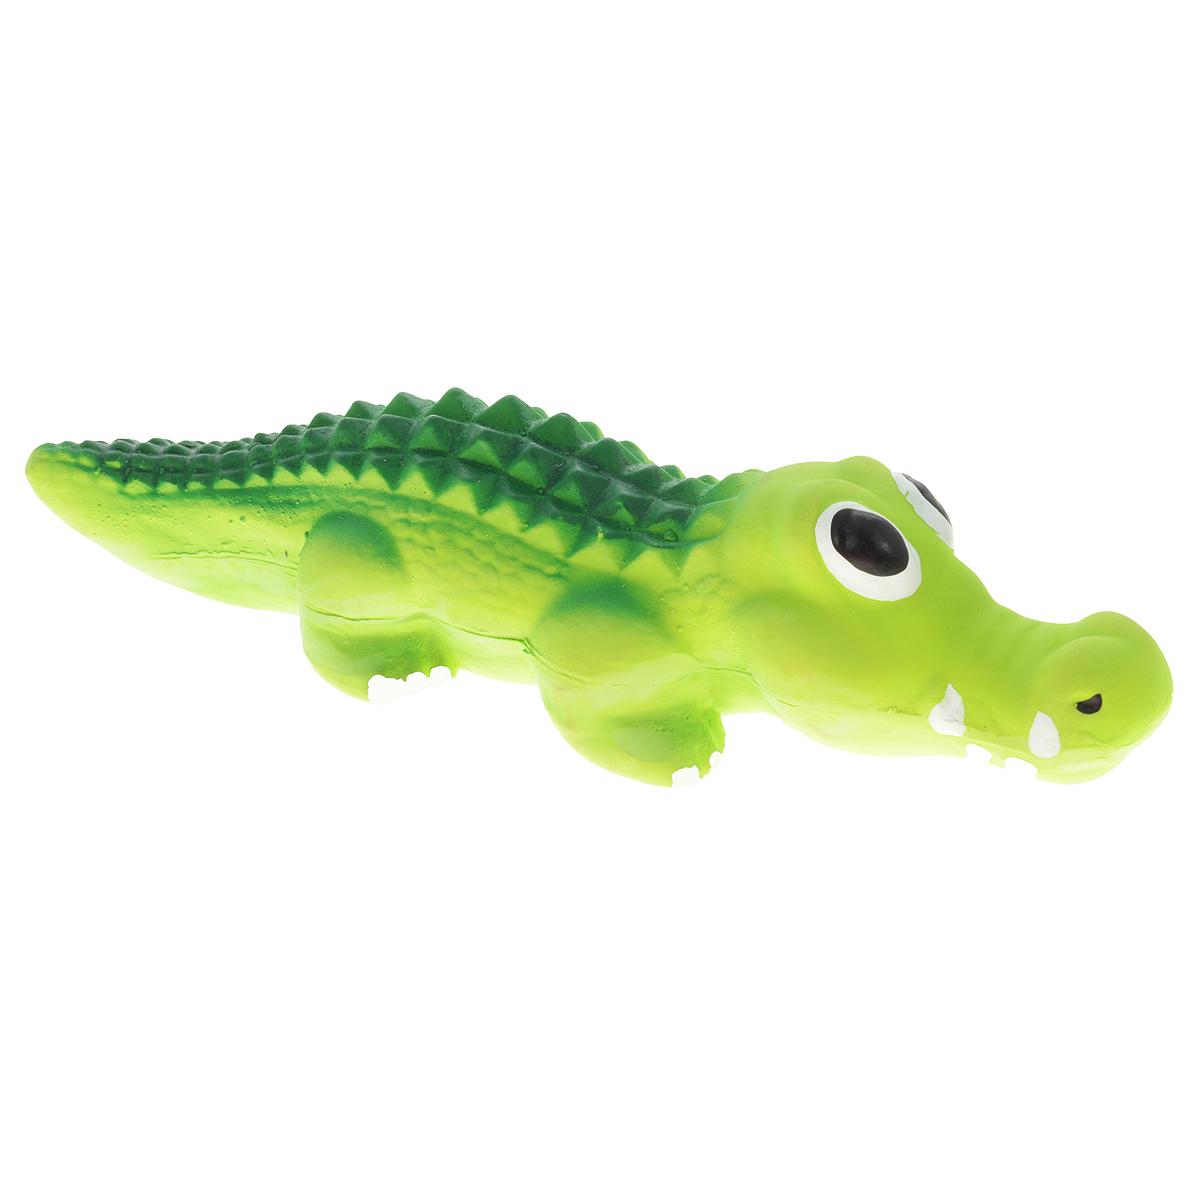 Игрушка для собак V.I.Pet Крокодил, цвет: зеленый0120710Игрушка V.I.Pet Крокодил изготовлена из латекса с использованием только безопасных, не токсичных красителей. Великолепно подходит для игры и массажа десен вашей собаки.Забавный крокодил при надавливании или захвате пастью пищит. Такая игрушка порадует вашего любимца, а вам доставит массу приятных эмоций, ведь наблюдать за игрой всегда интересно и приятно. Оставшись в одиночестве, ваша собака будет увлеченно играть в эту игрушку.